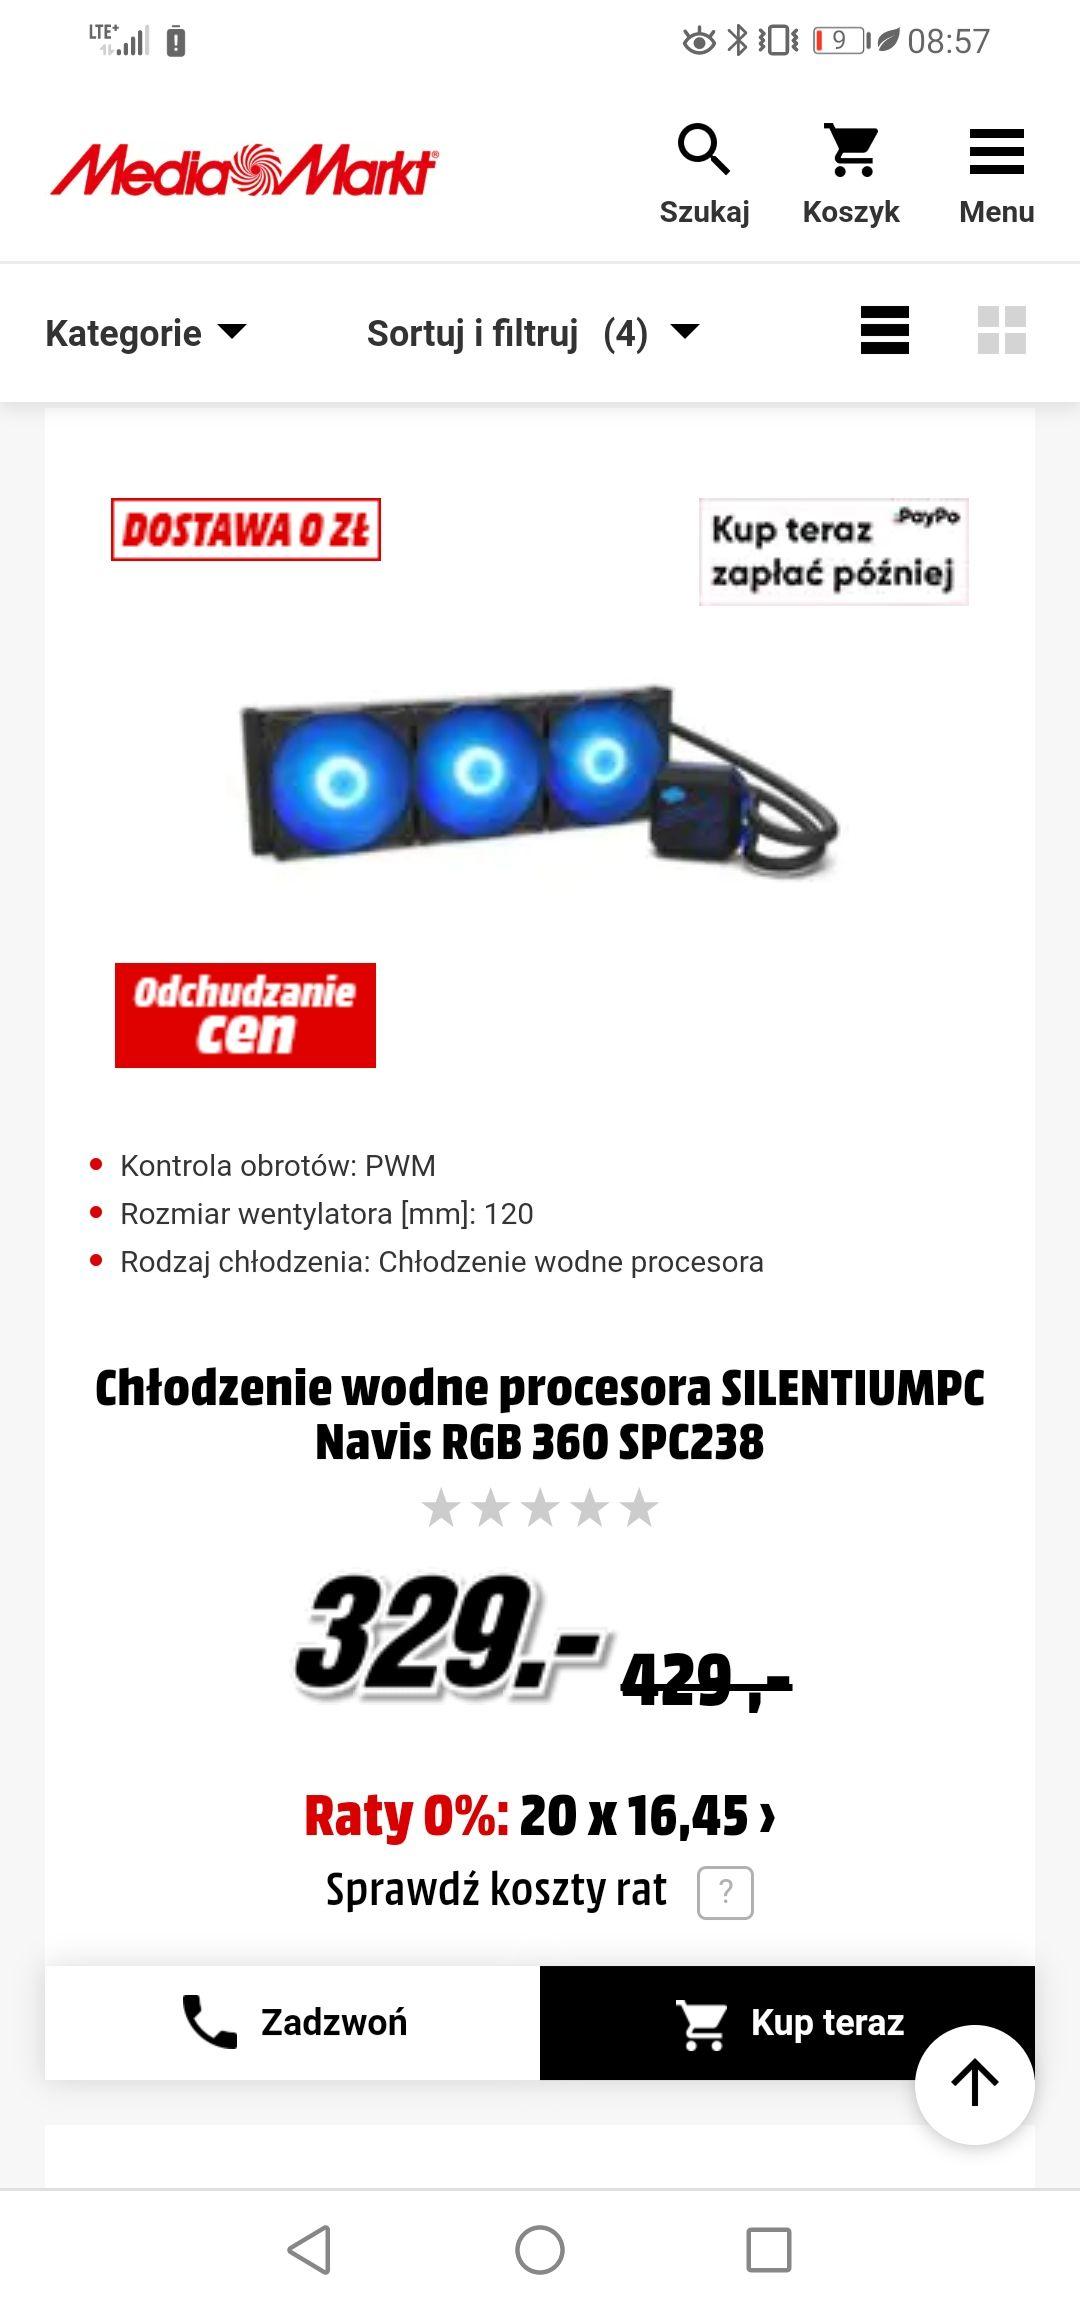 Chłodzenie wodne procesora SILENTIUMPC Navis RGB 360 SPC238